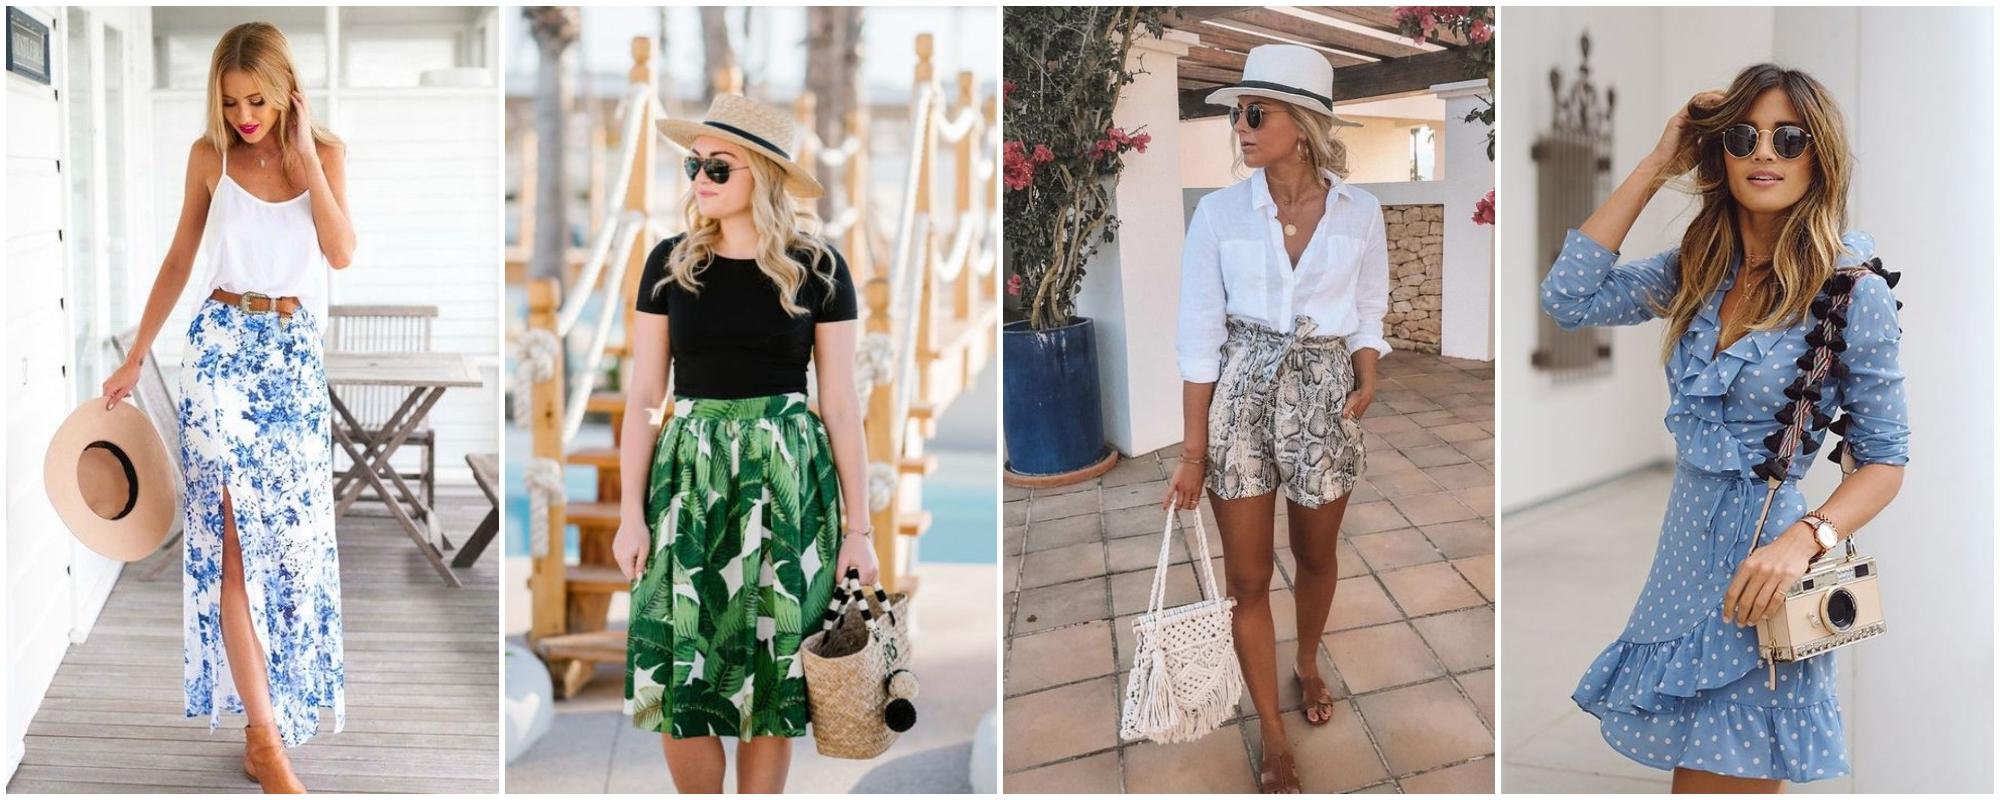 Tendências de Moda Primavera Verão 2019 2020